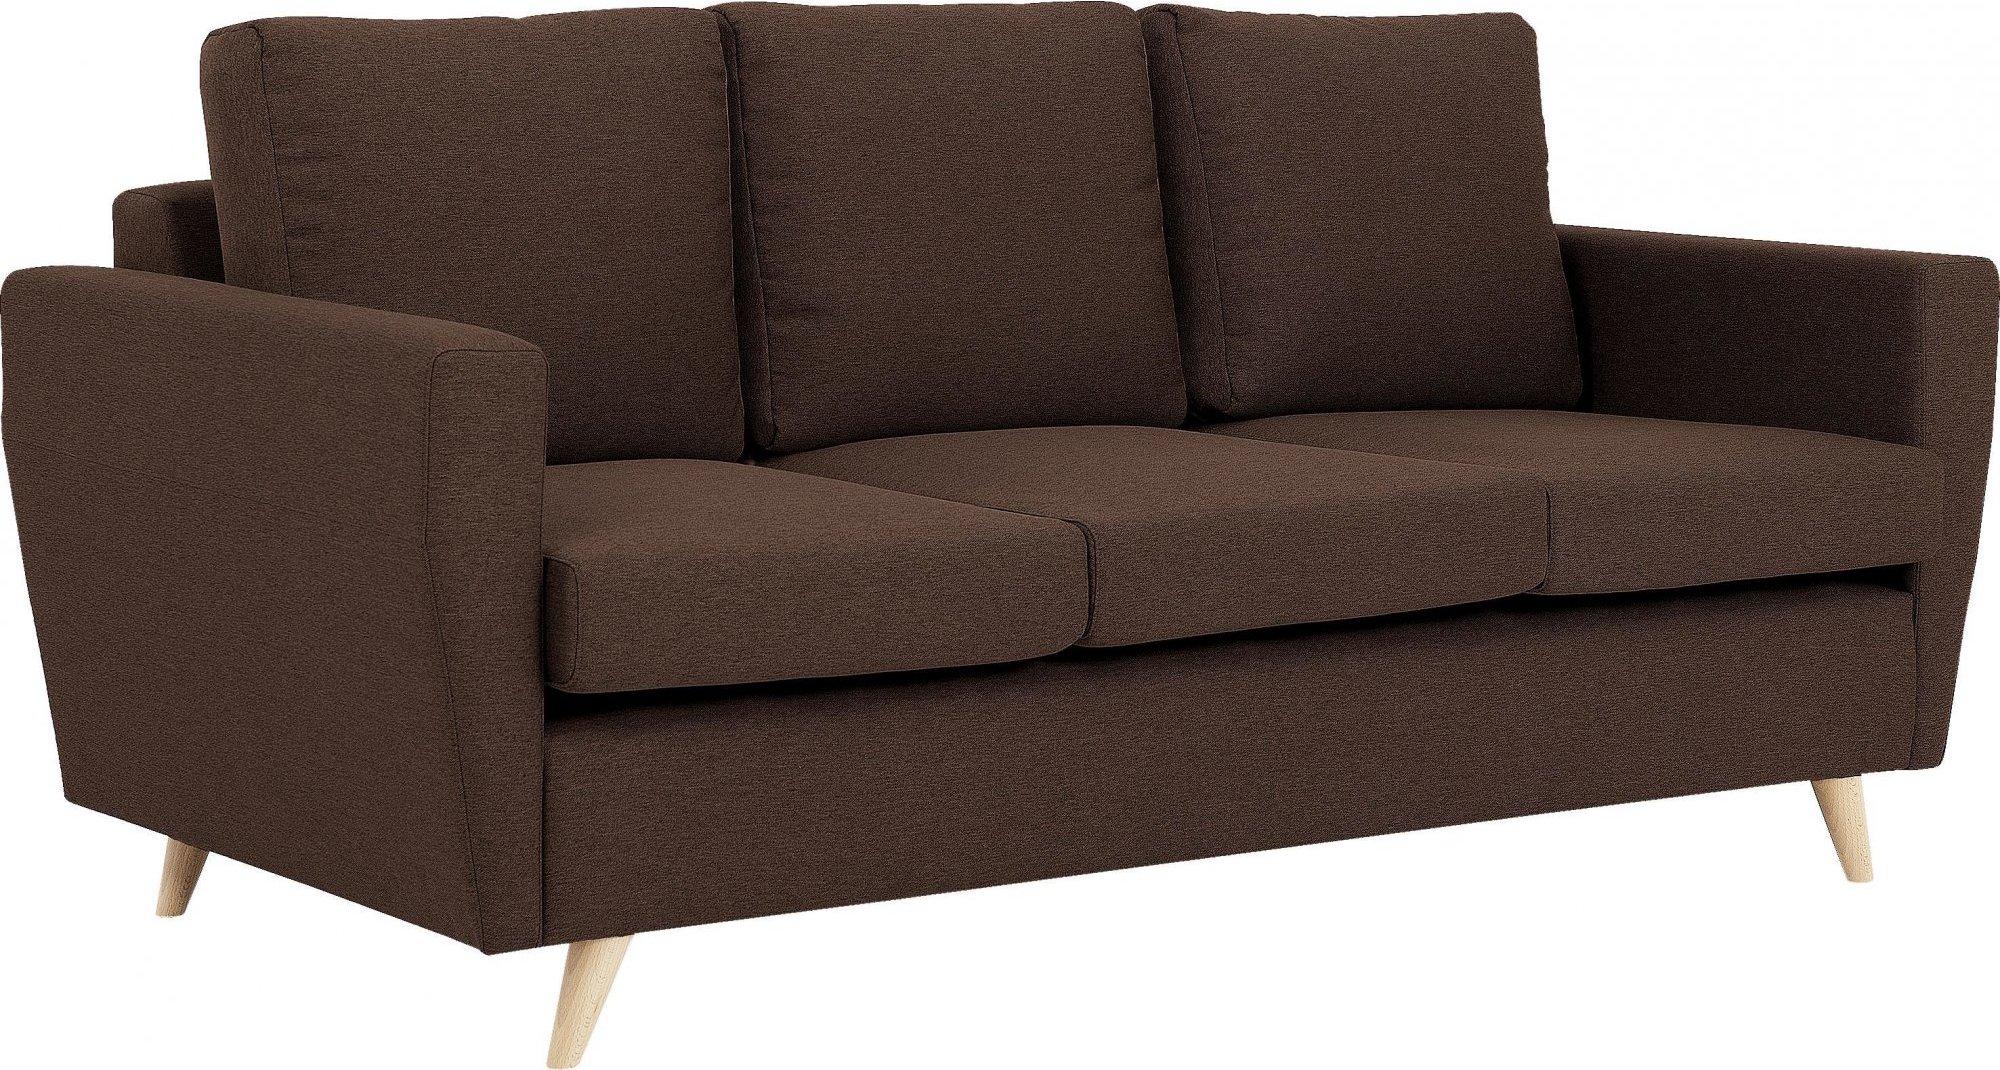 Canapé tissu 3 places marron h45cm